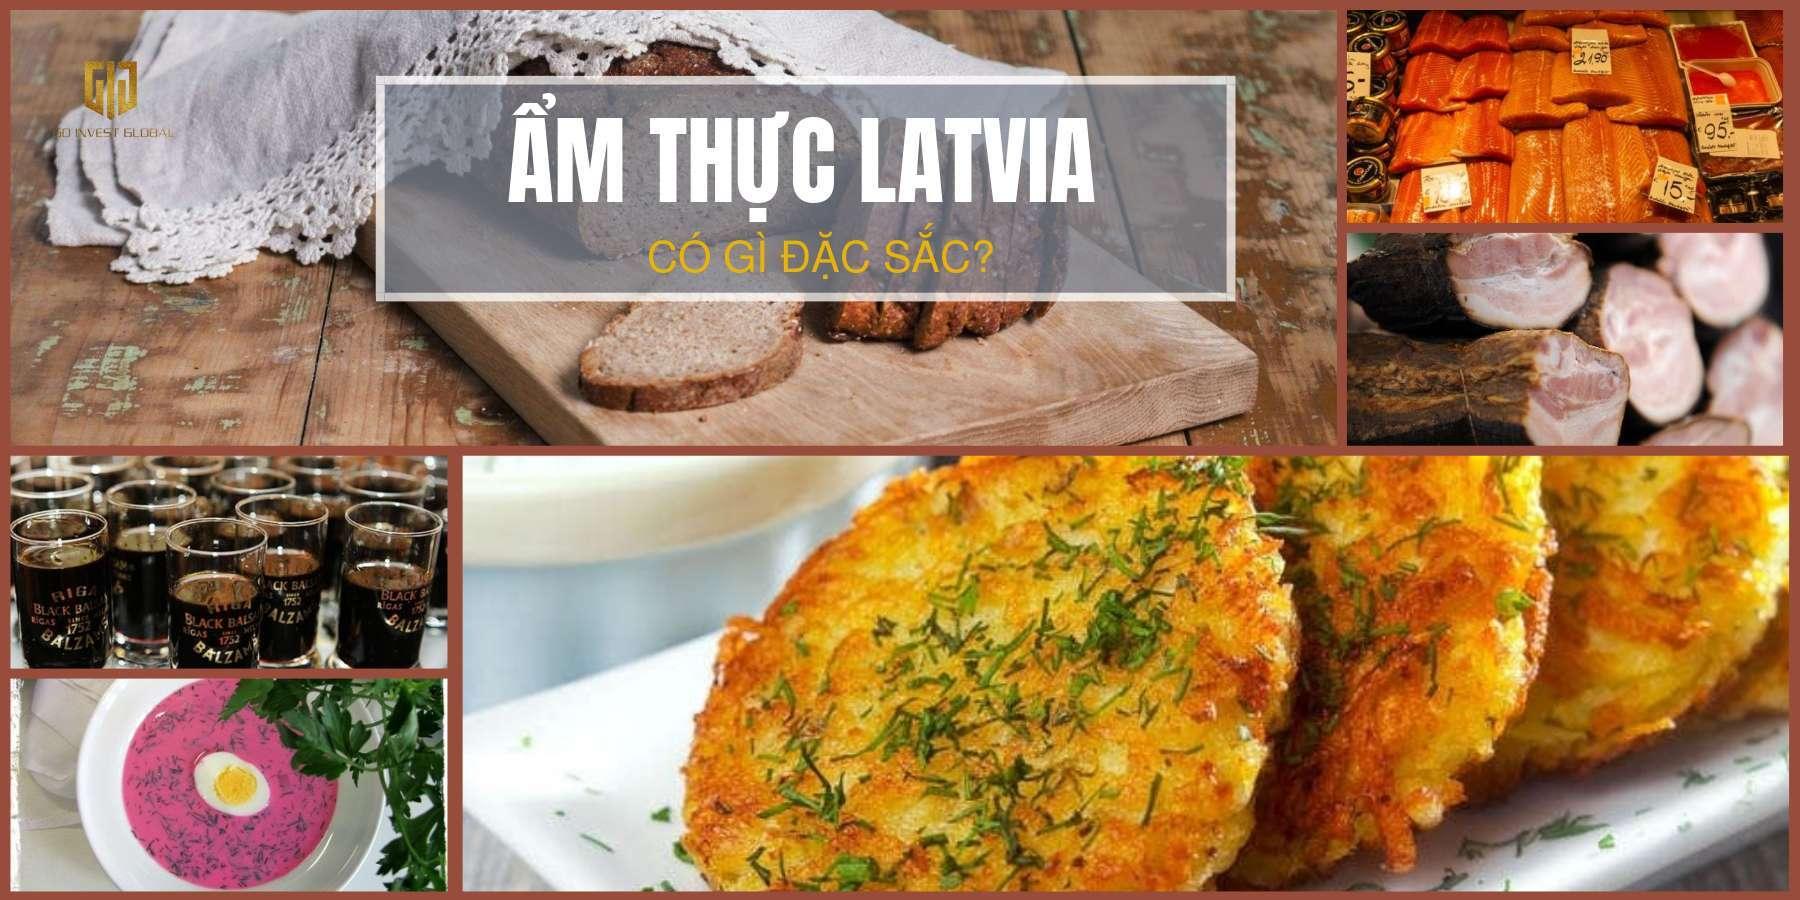 Ăn gì ở Latvia? Ẩm thực Latvia có gì đặc sắc - GIG